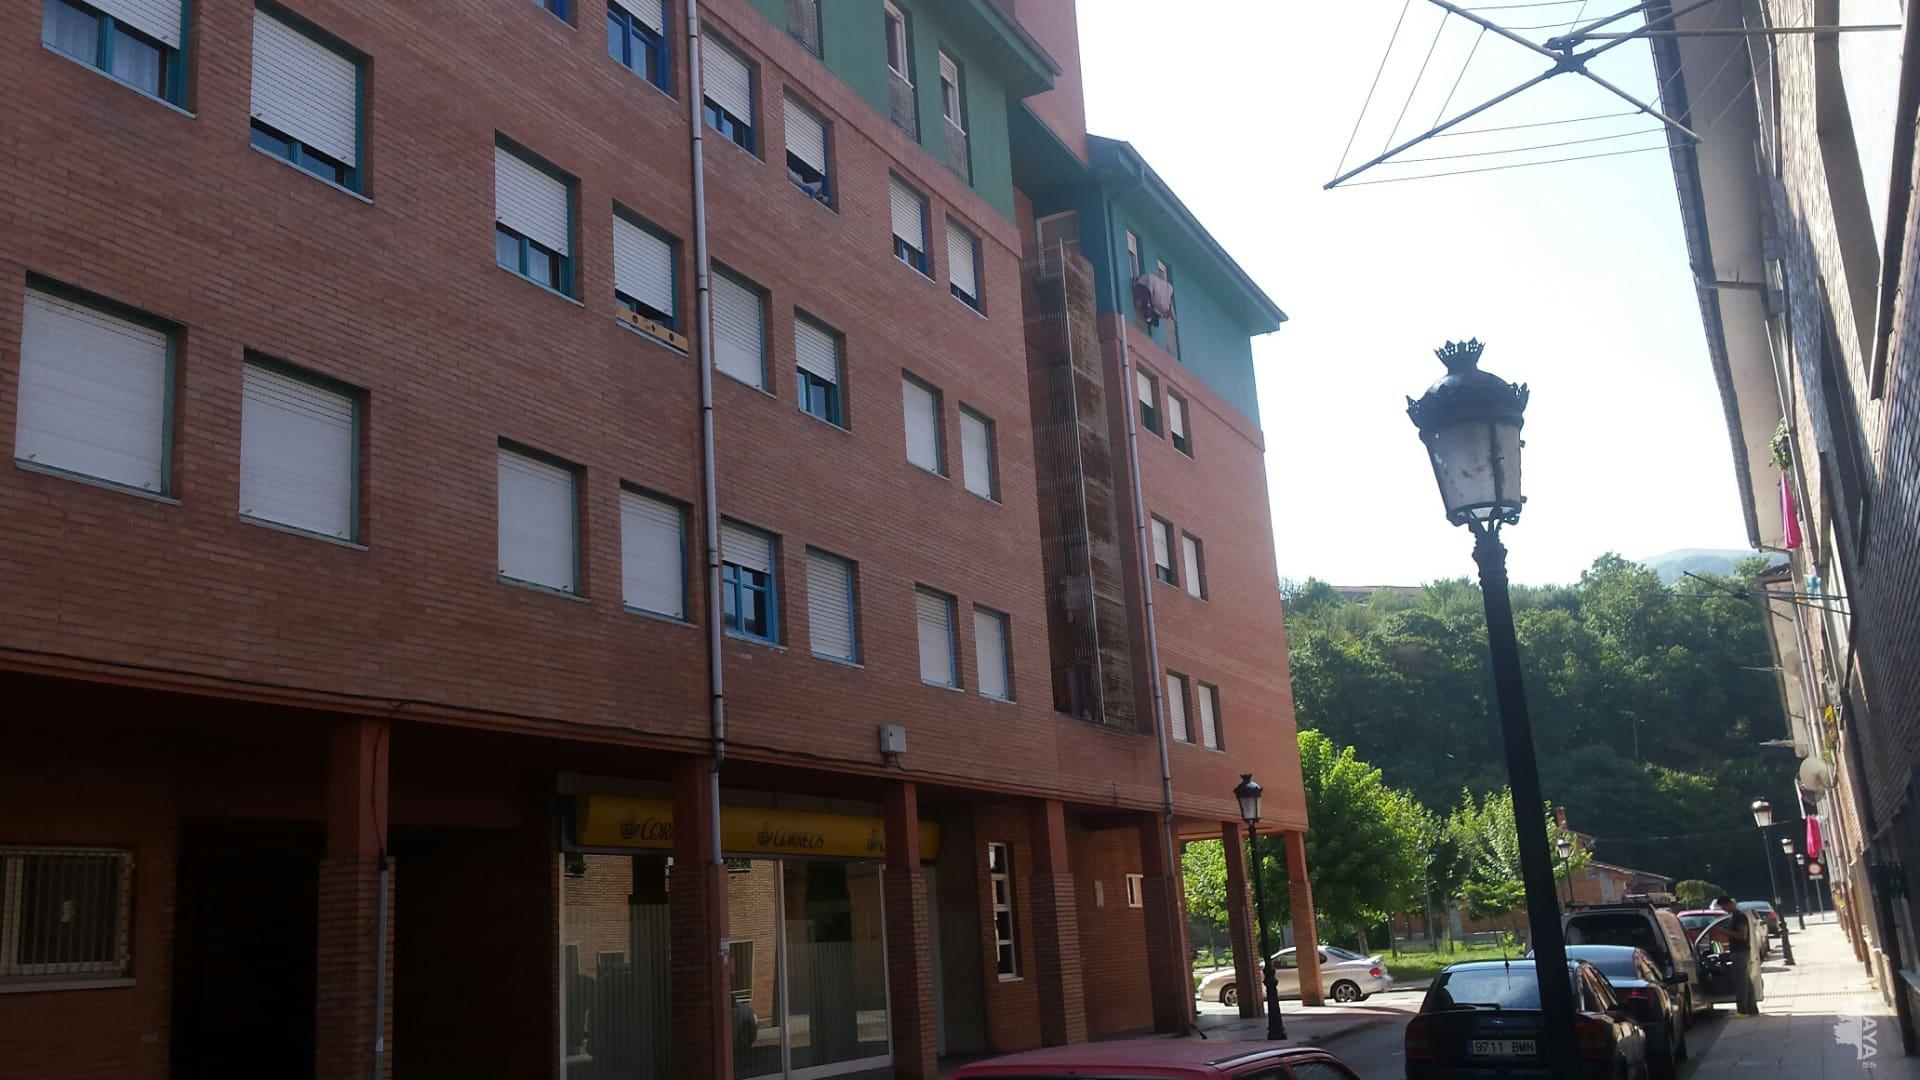 Piso en venta en Blimea, San Martín del Rey Aurelio, Asturias, Calle Puerto del Pino, 18.300 €, 2 habitaciones, 1 baño, 56 m2